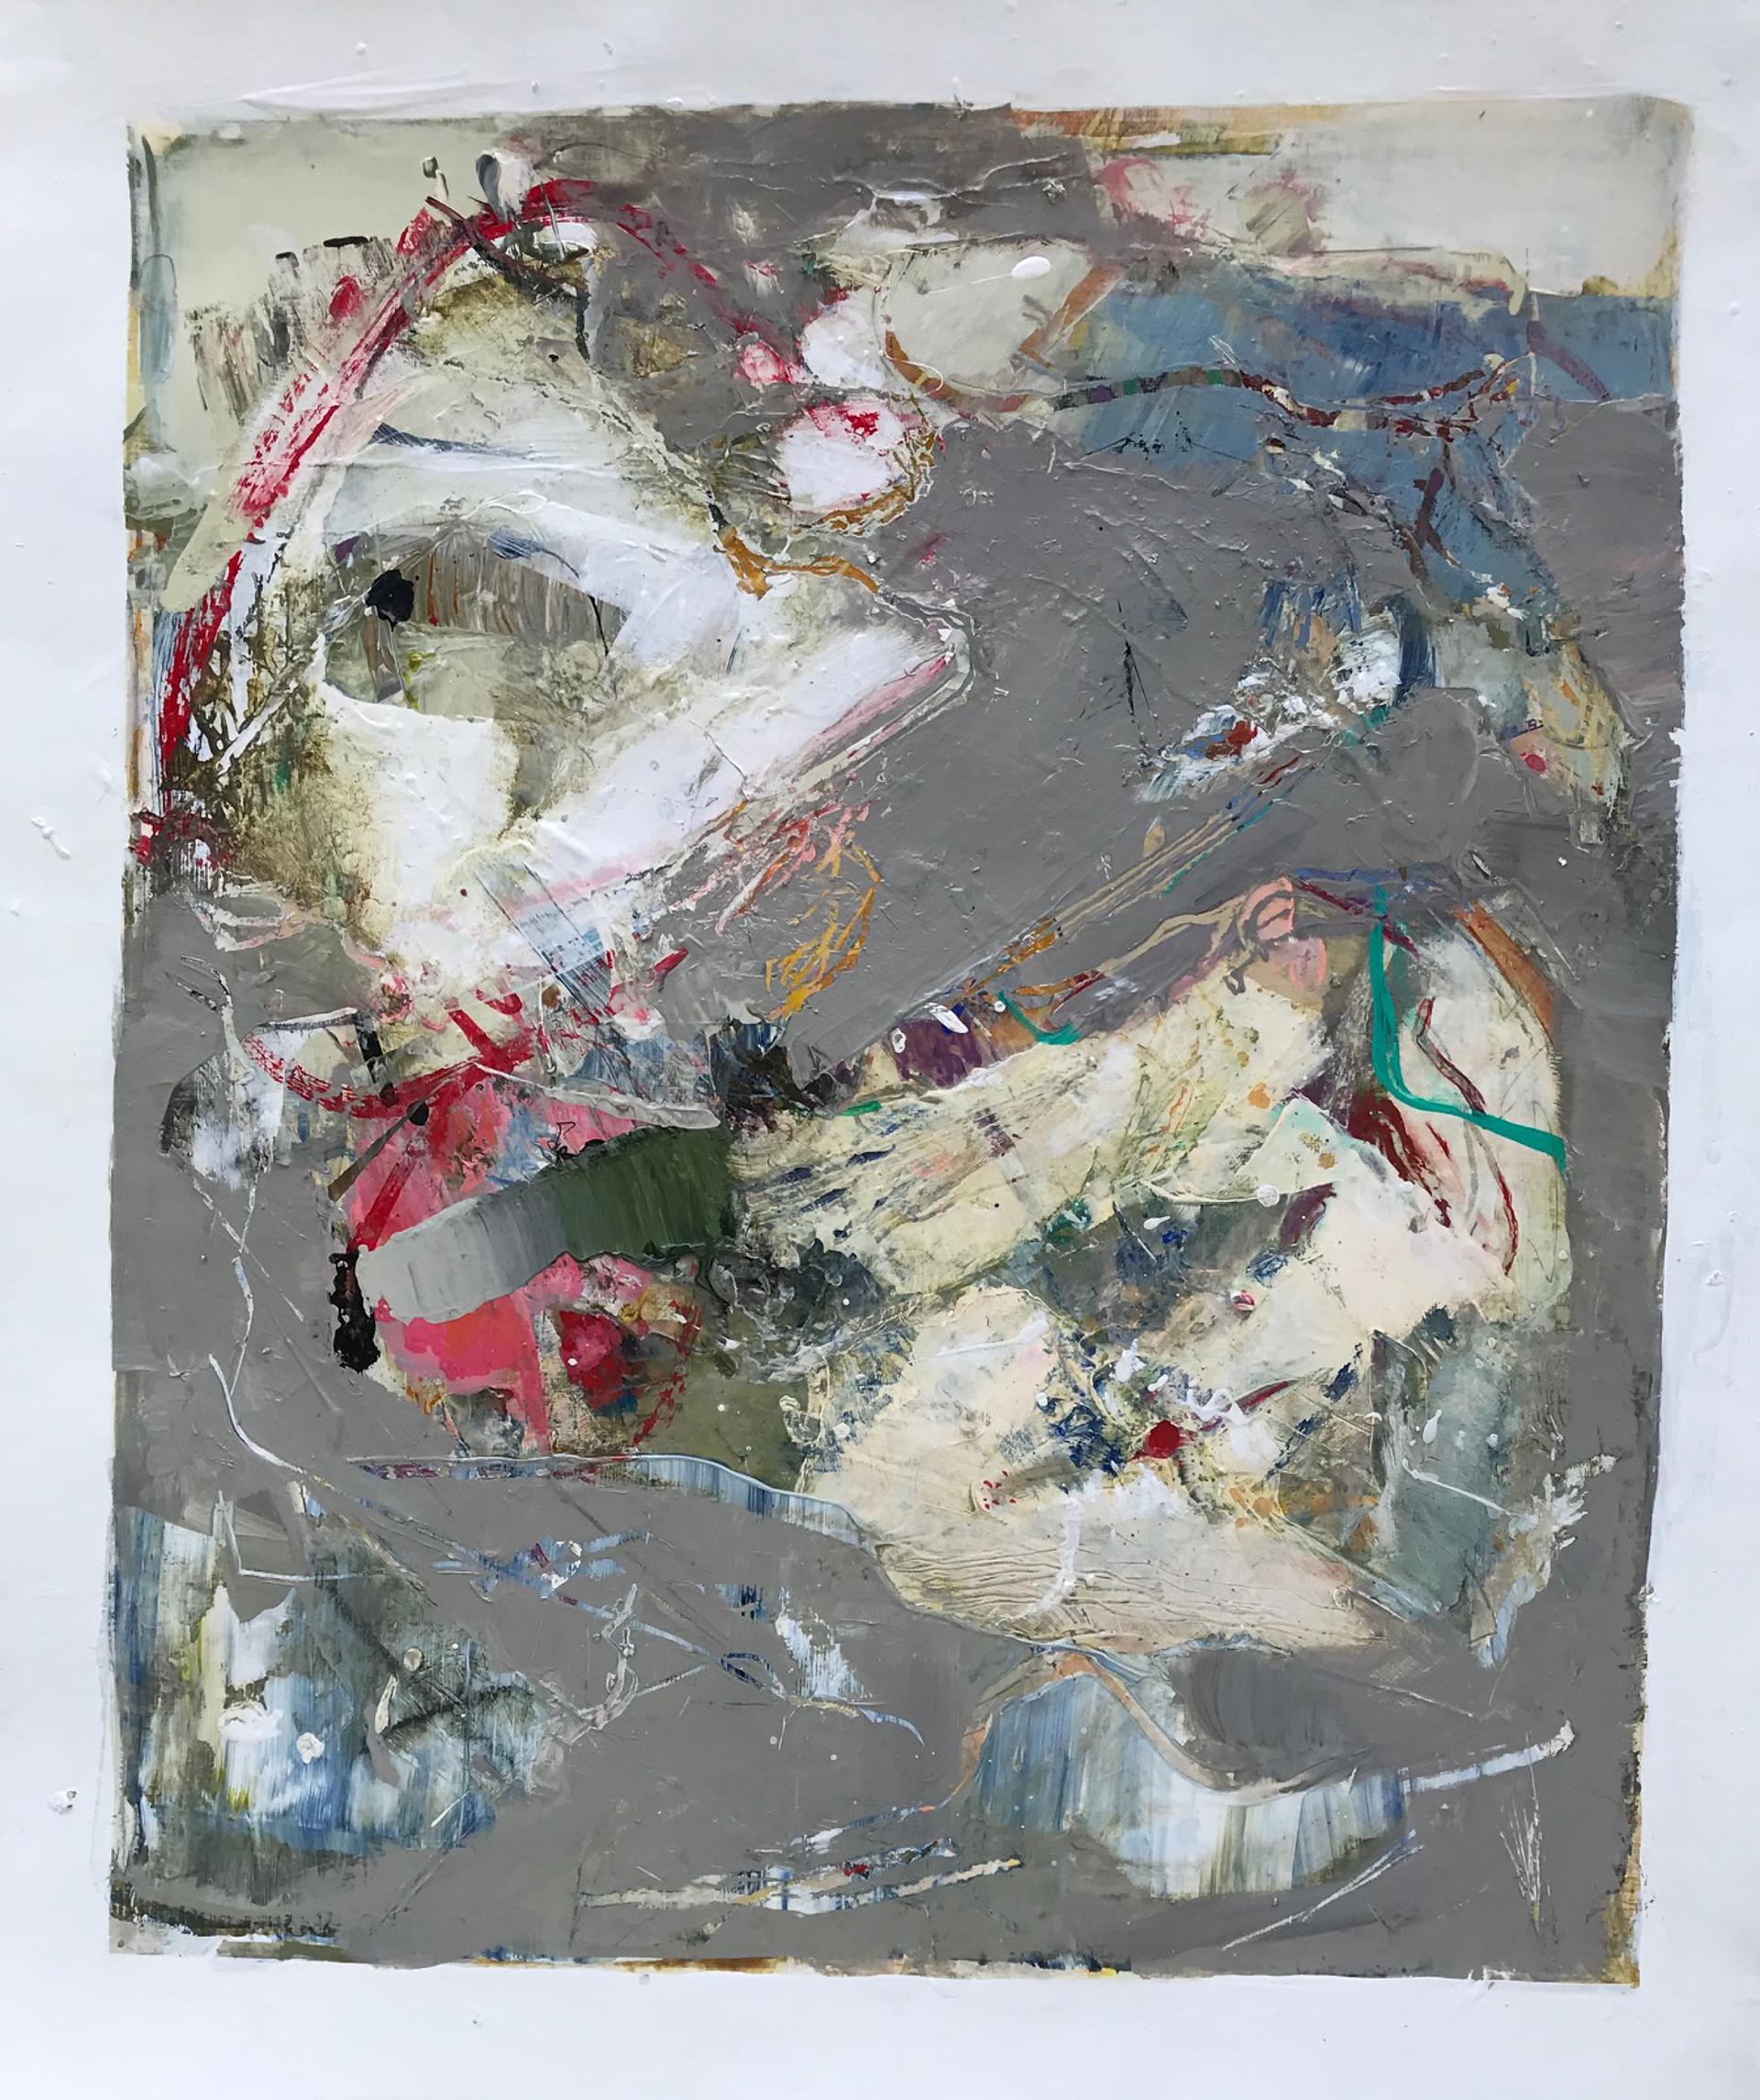 LNP 12 by Leslie Newman